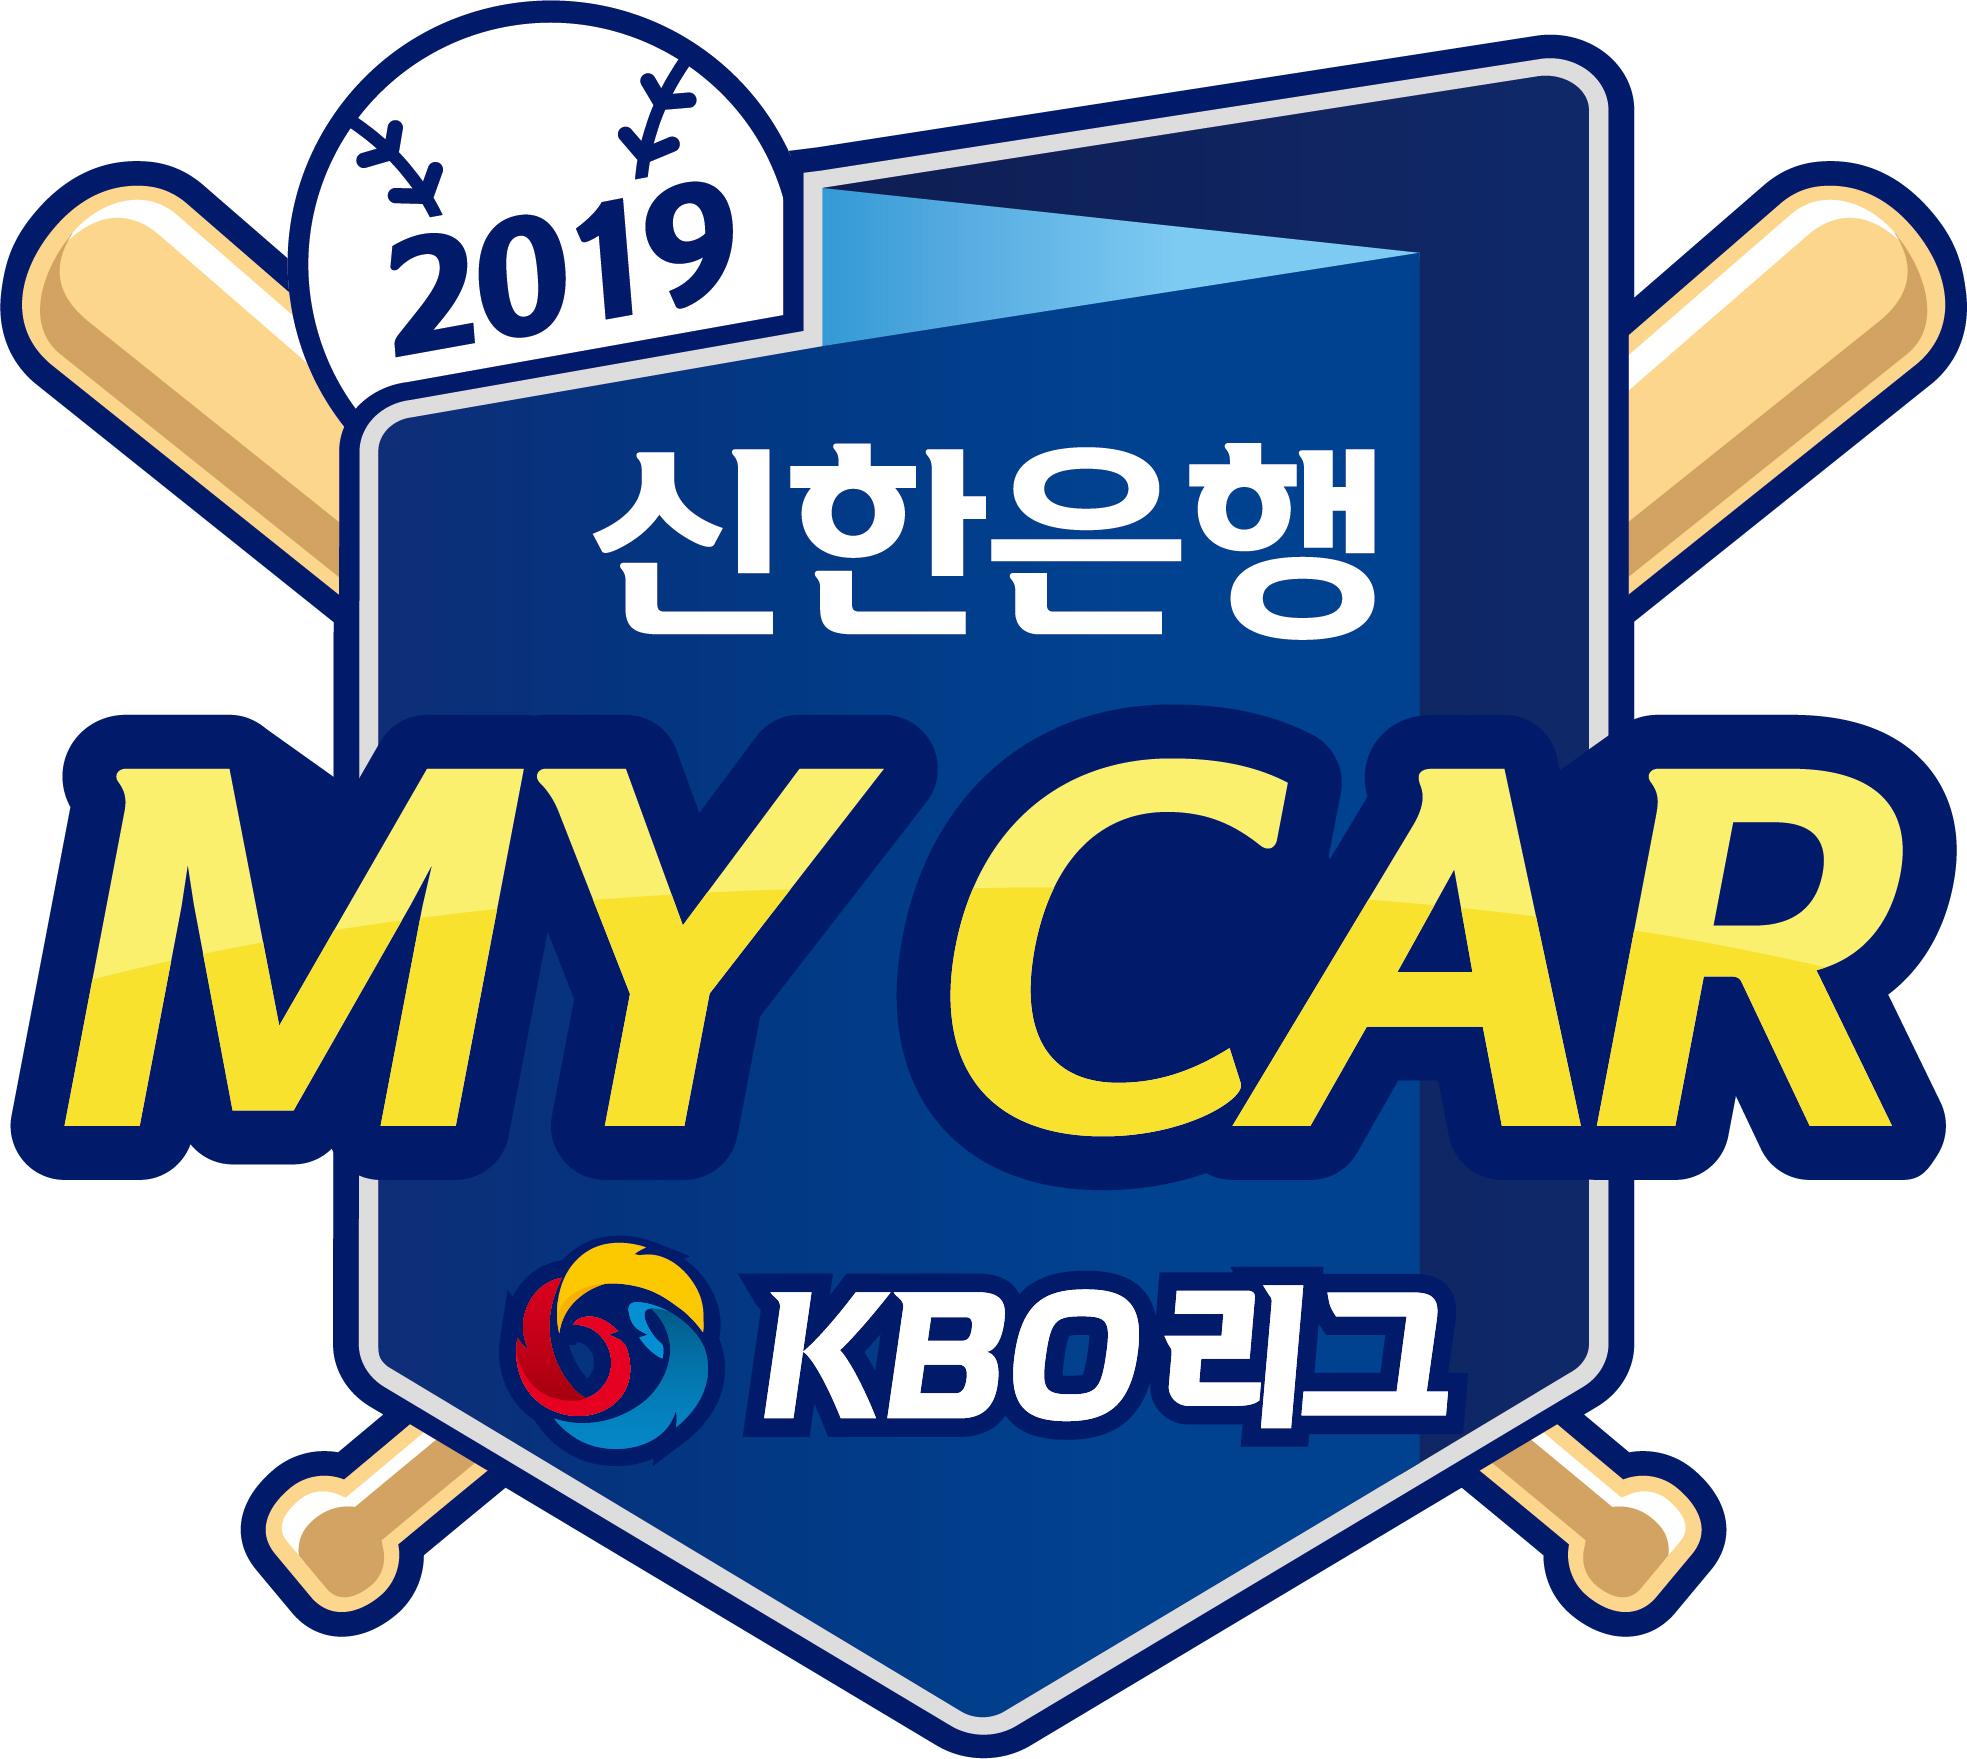 2019 신한은행 MY CAR KBO 리그 타이틀 엠블럼 이미지_기본형.jpg